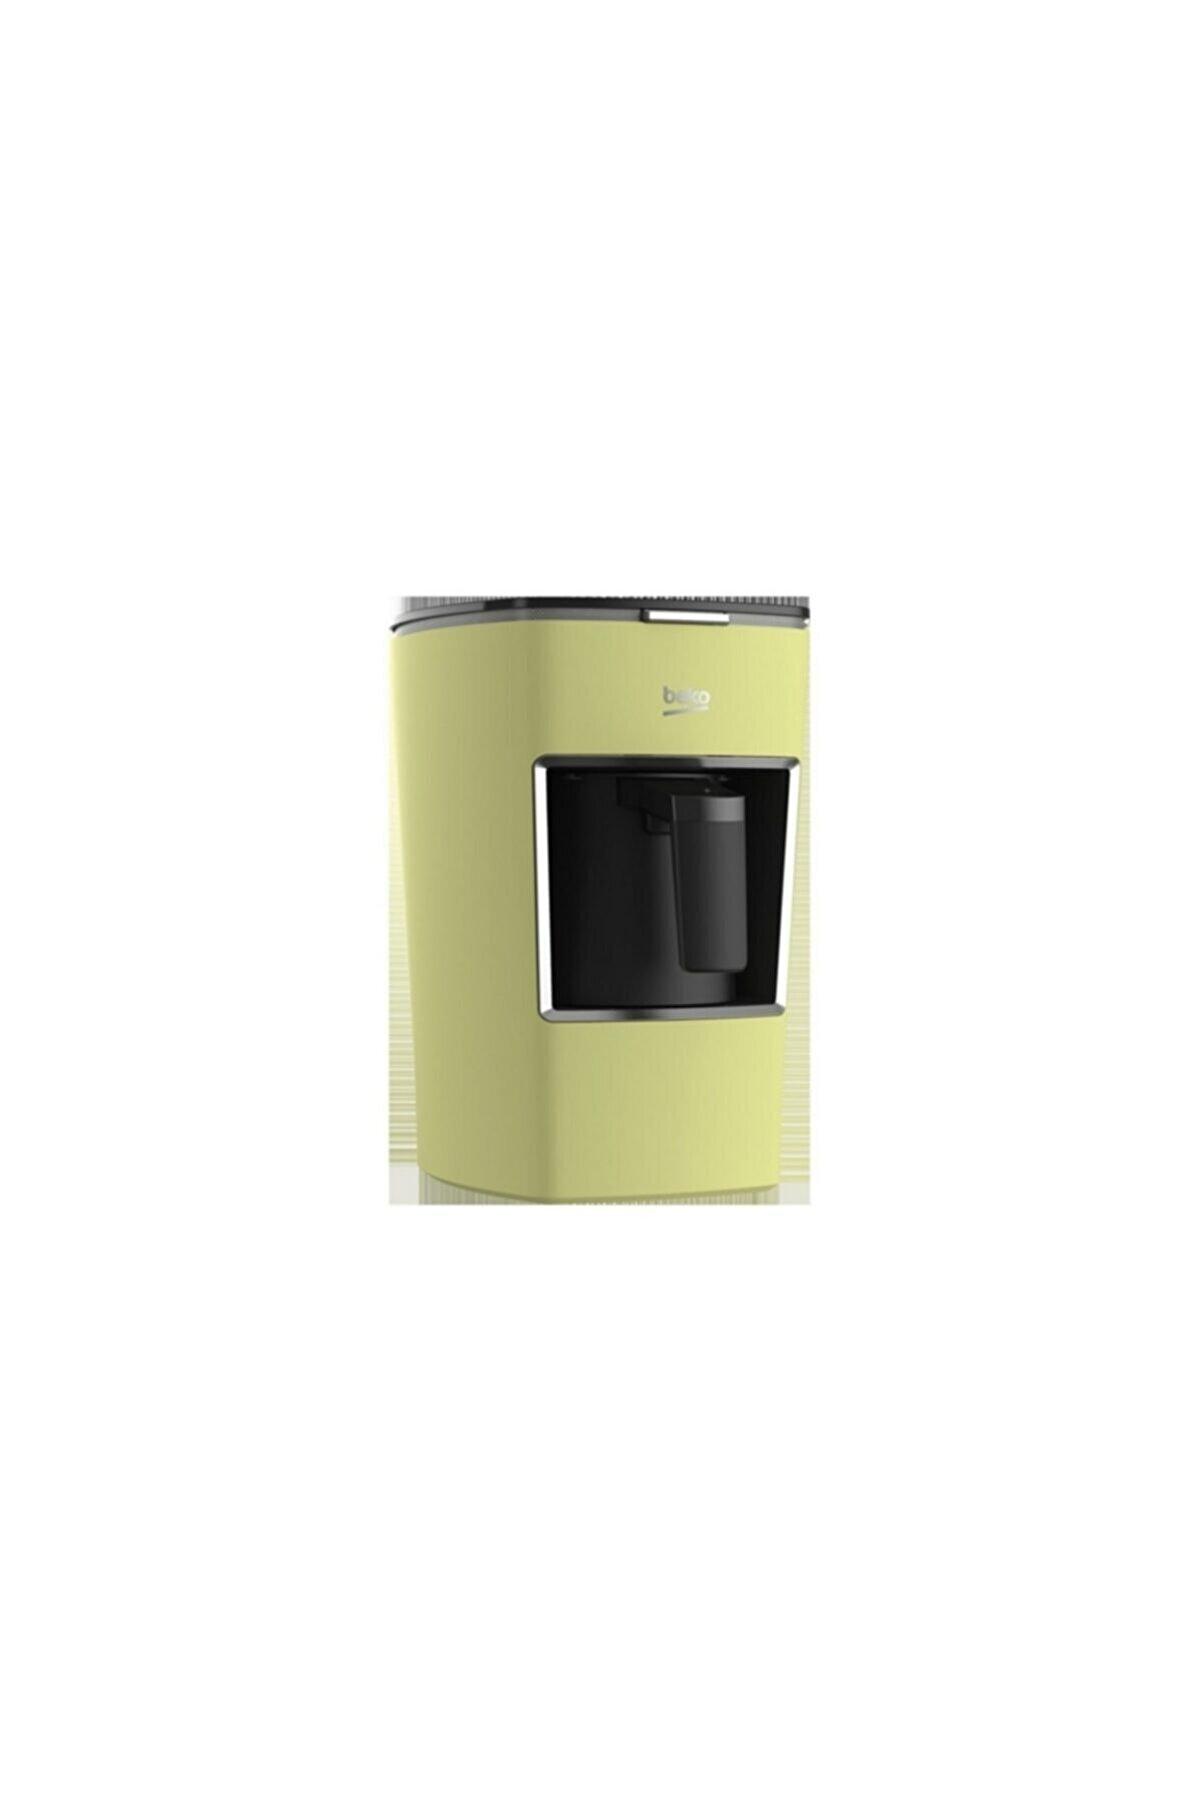 Beko Bkk 2300 Sarı Mini Keyf Kahve Makinesi